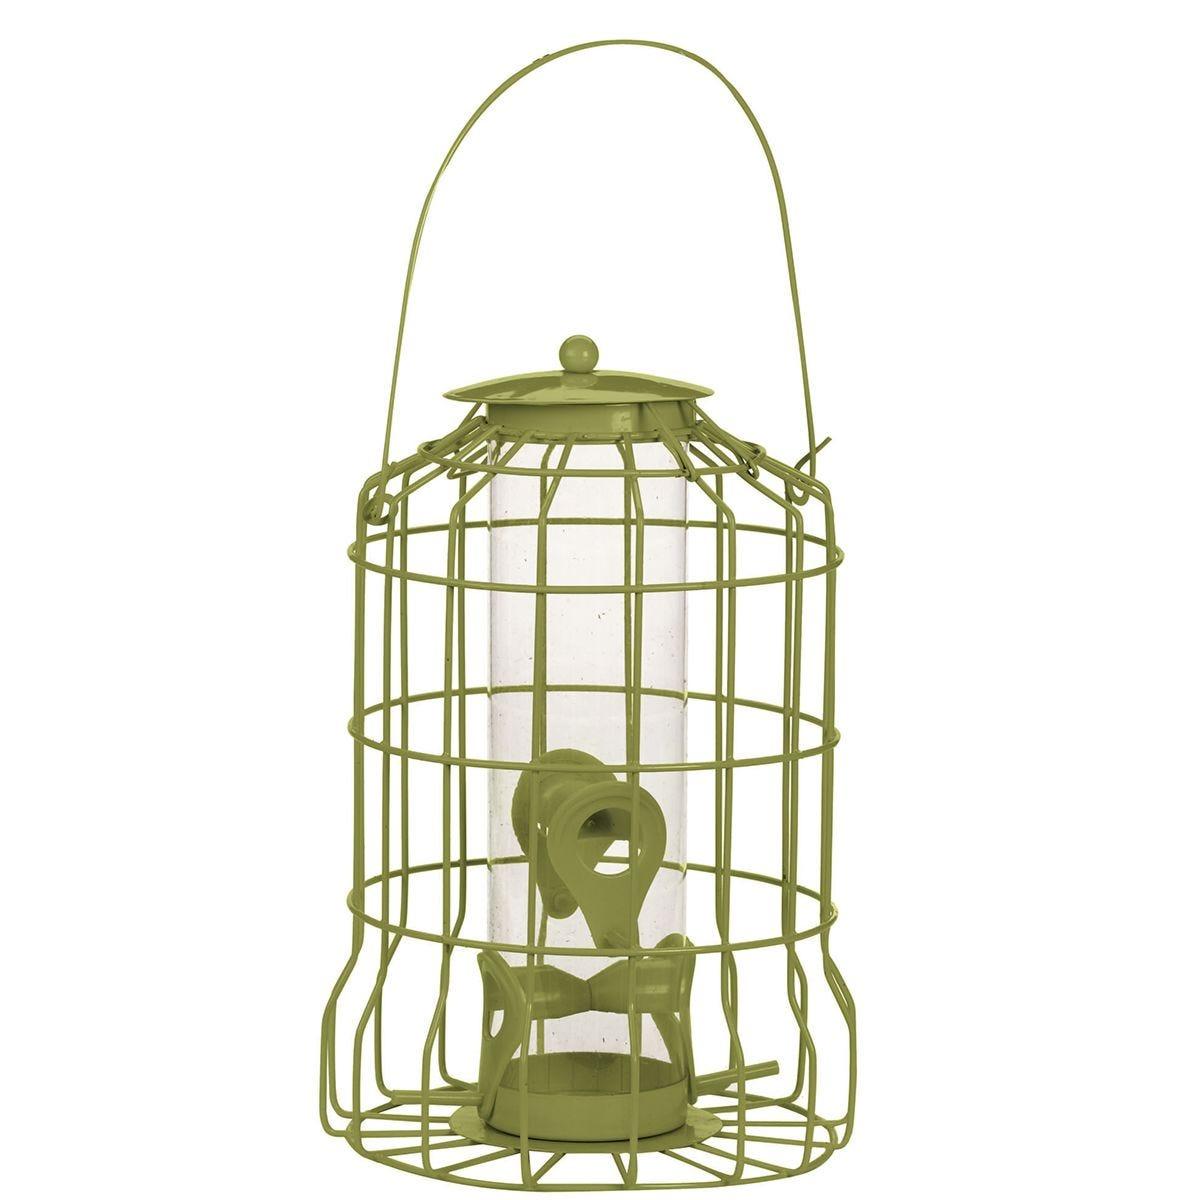 Chapelwood Bird Seed Feeder - Olive Green